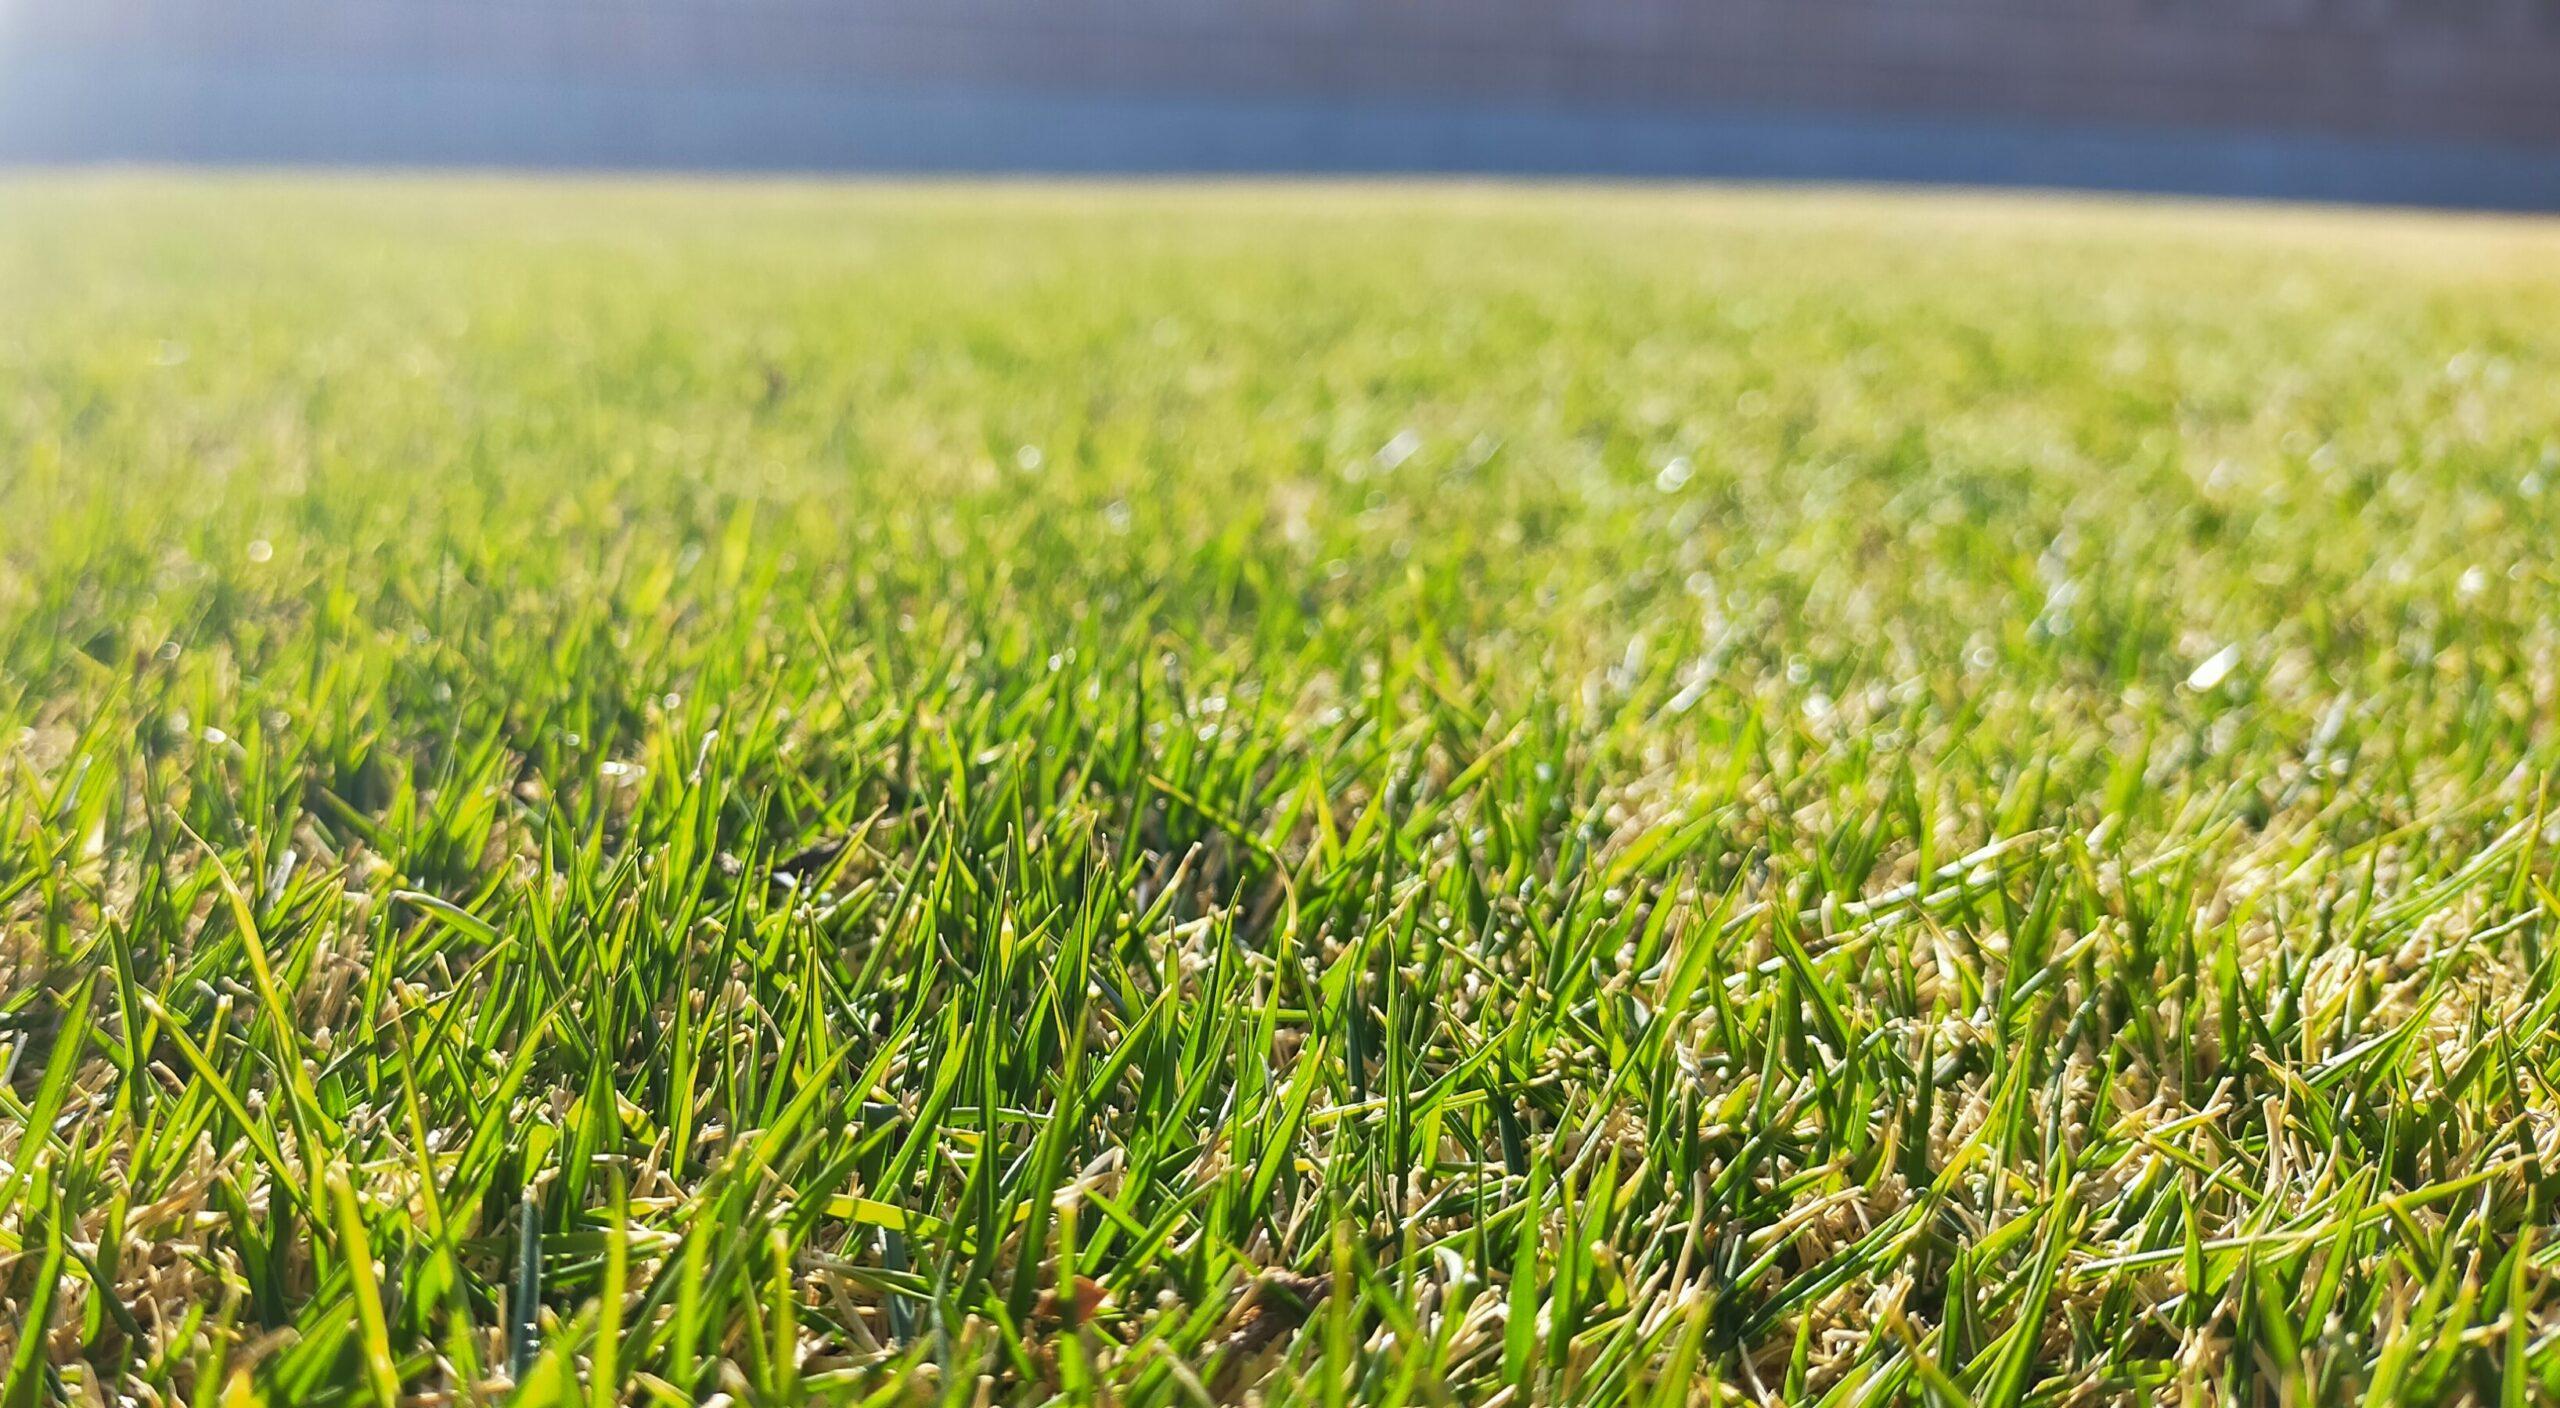 芝生の新芽!やるべき手入れはこれだ😀✨